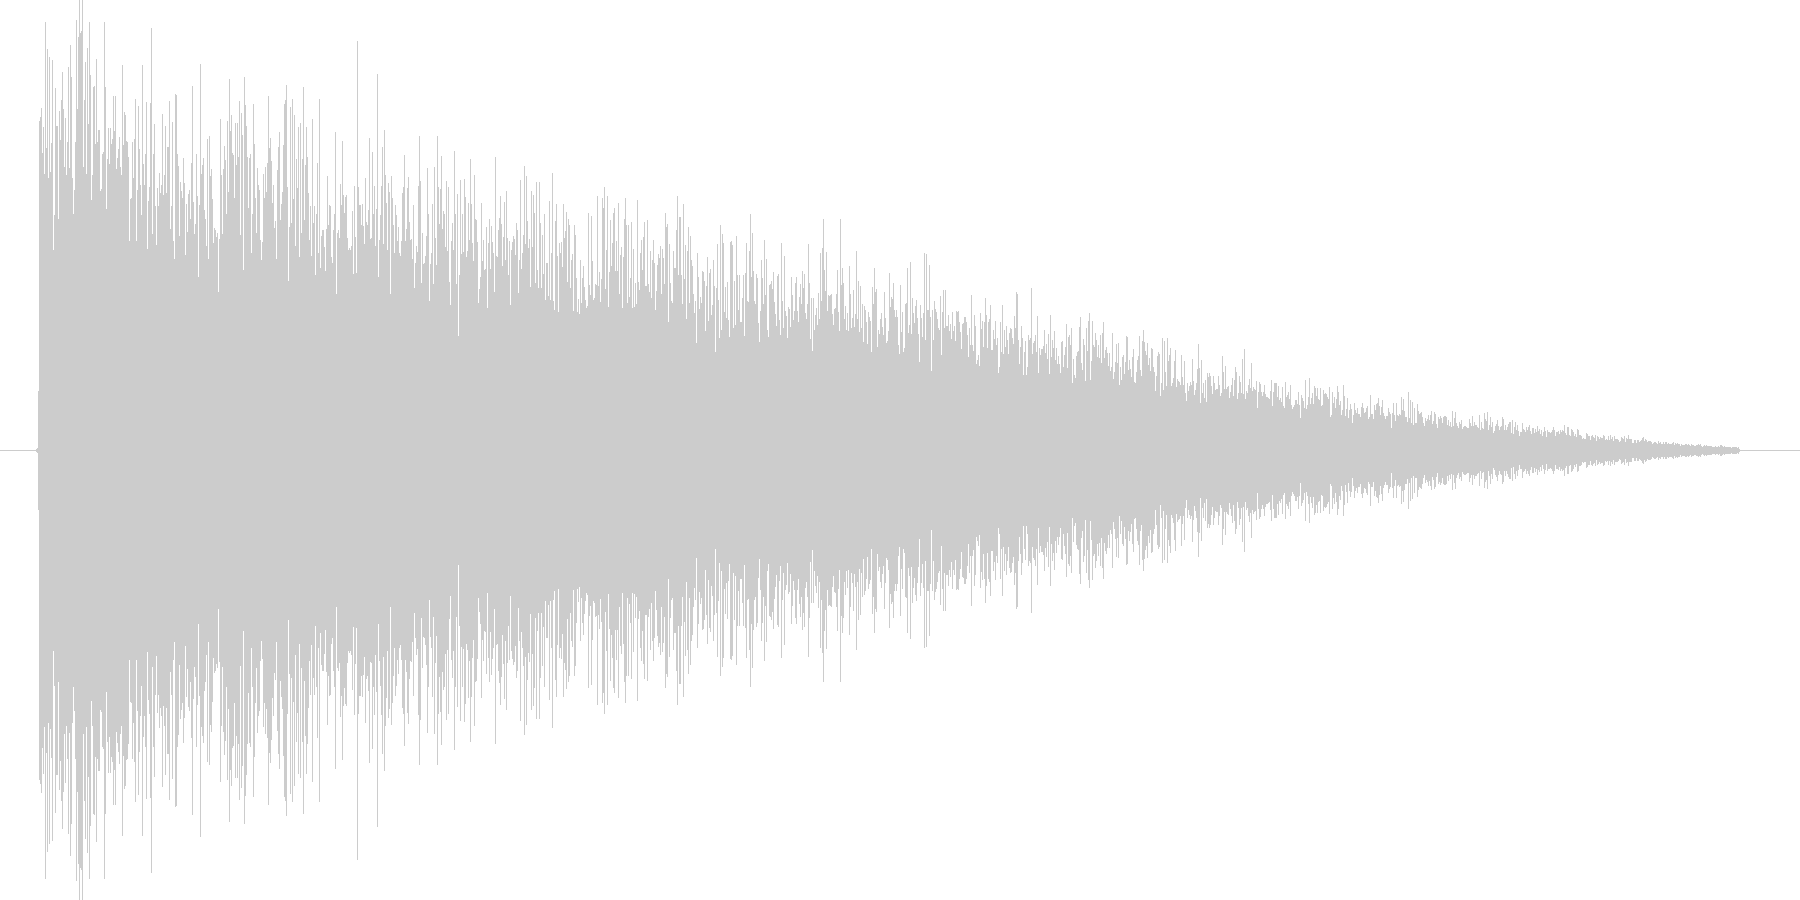 シュー。衝撃波の効果音です。の未再生の波形